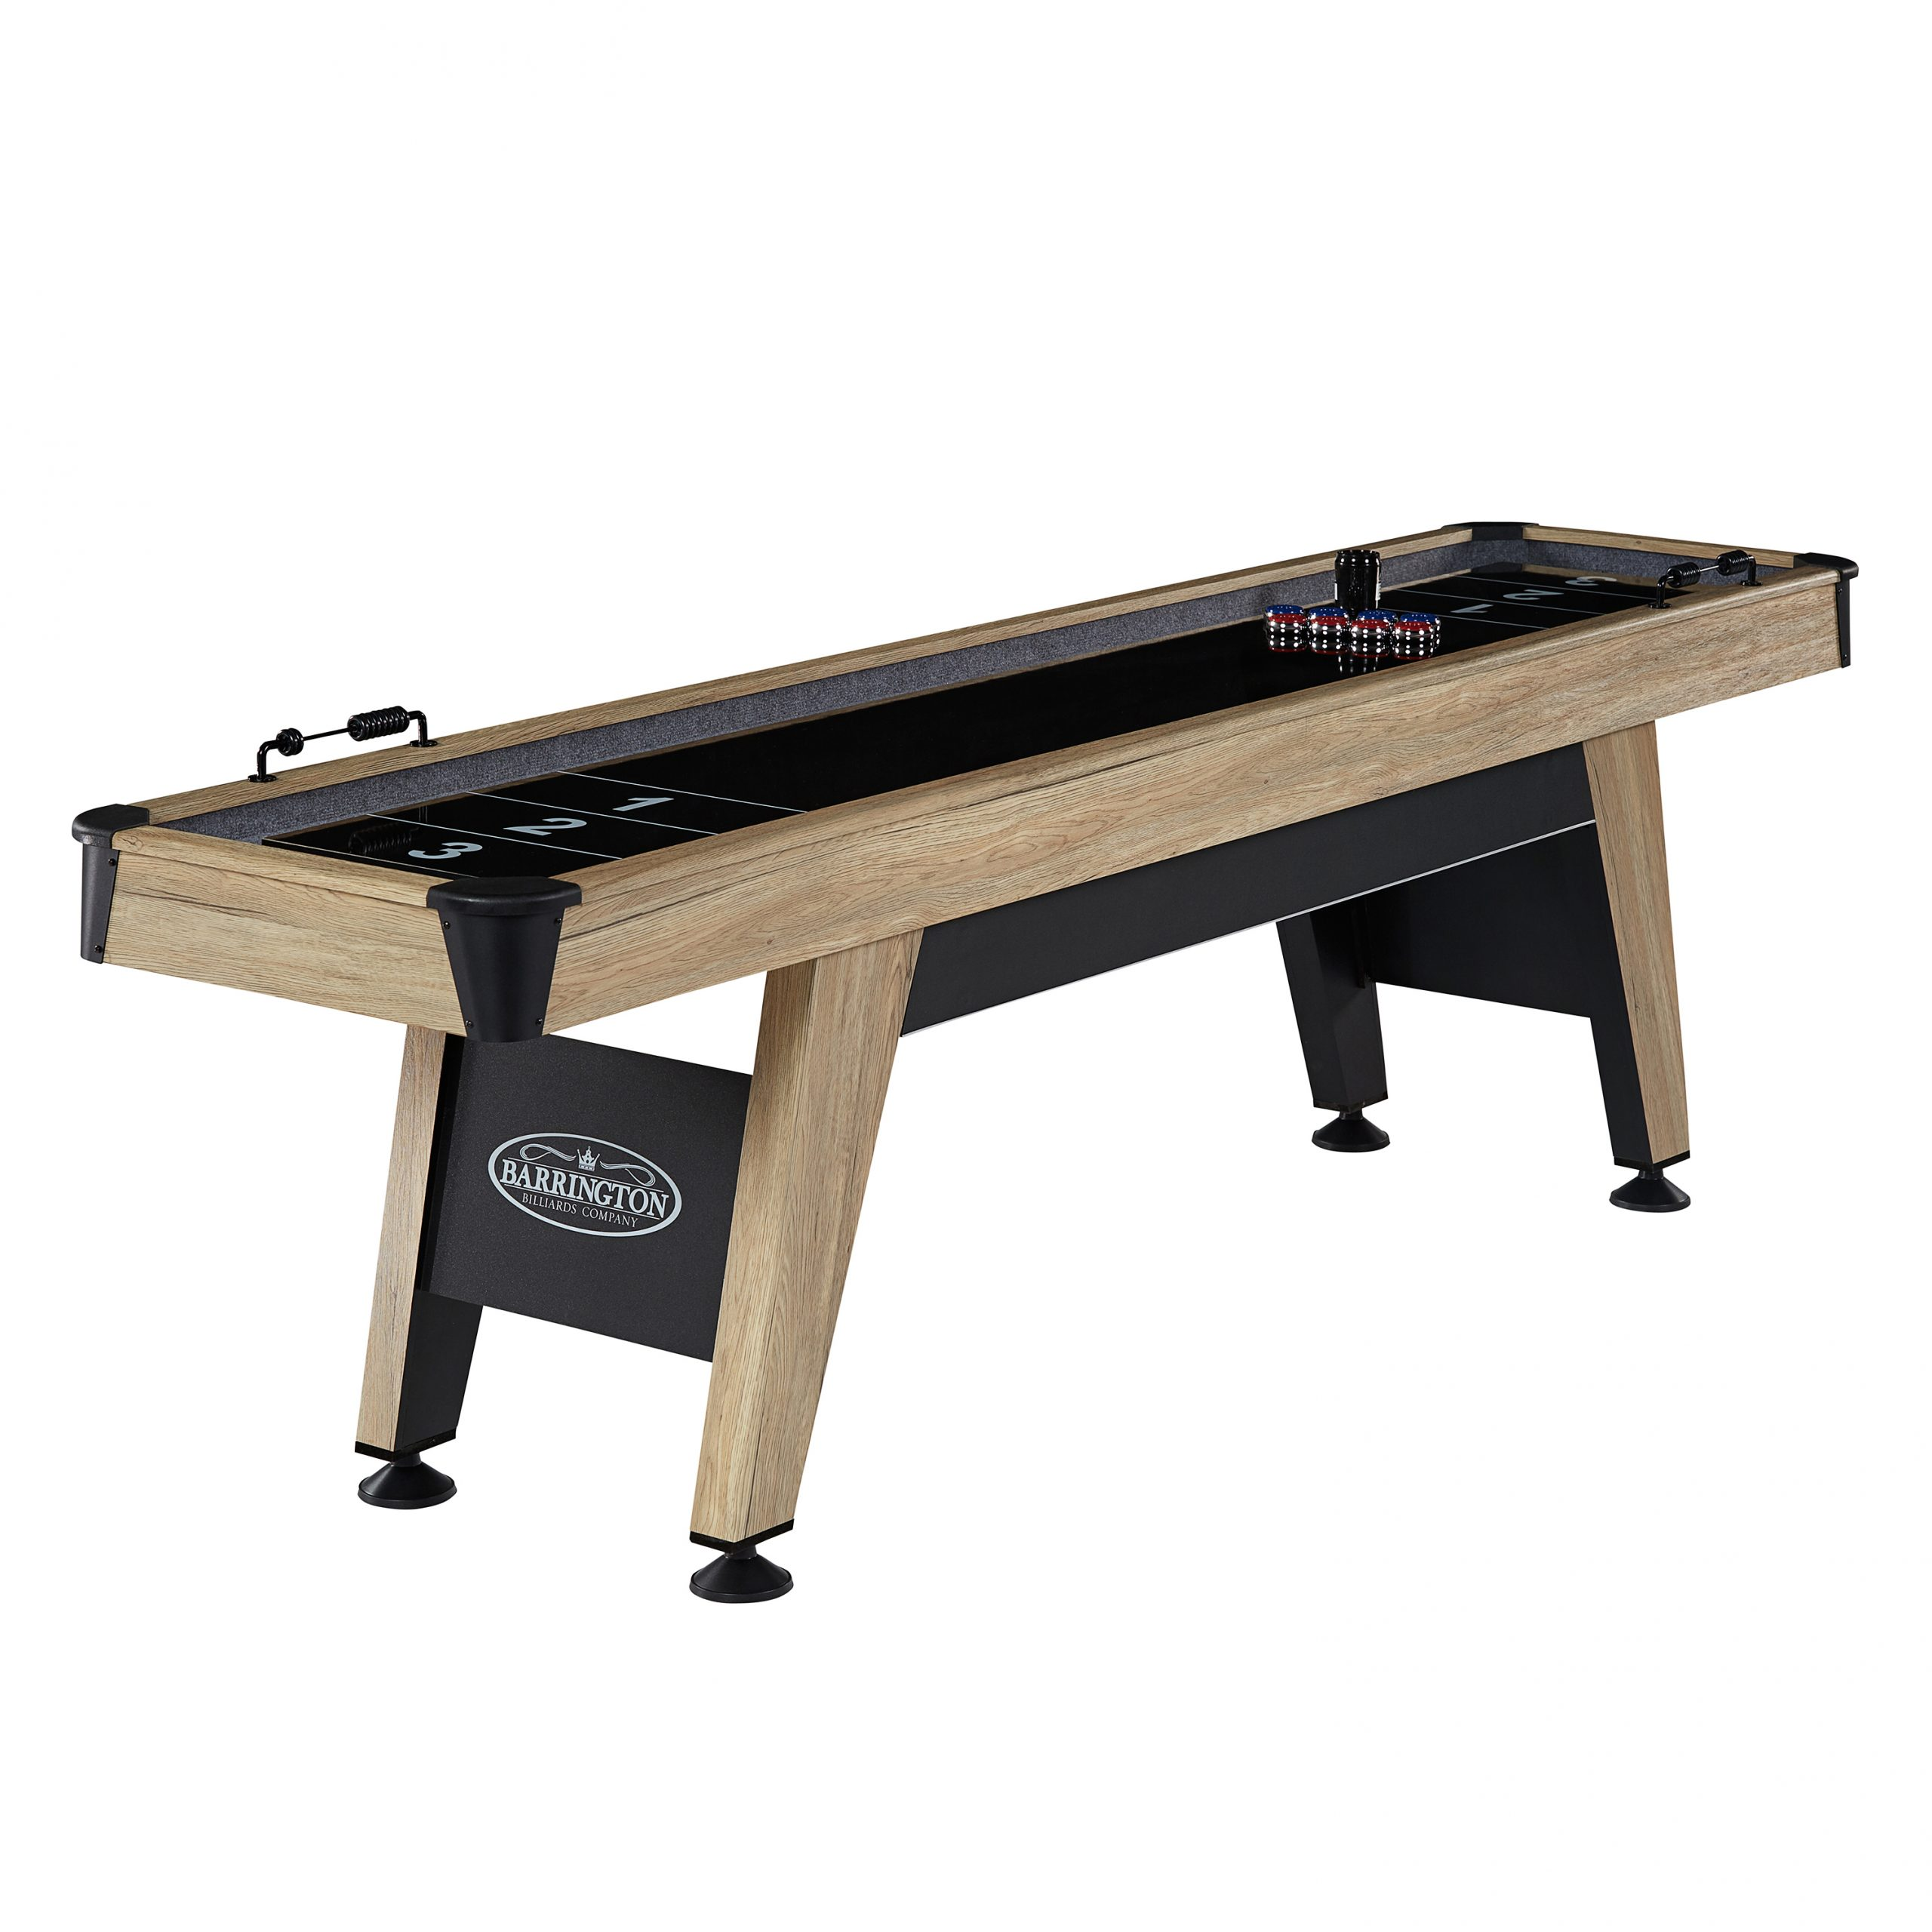 barrington 9 ft shuffleboard